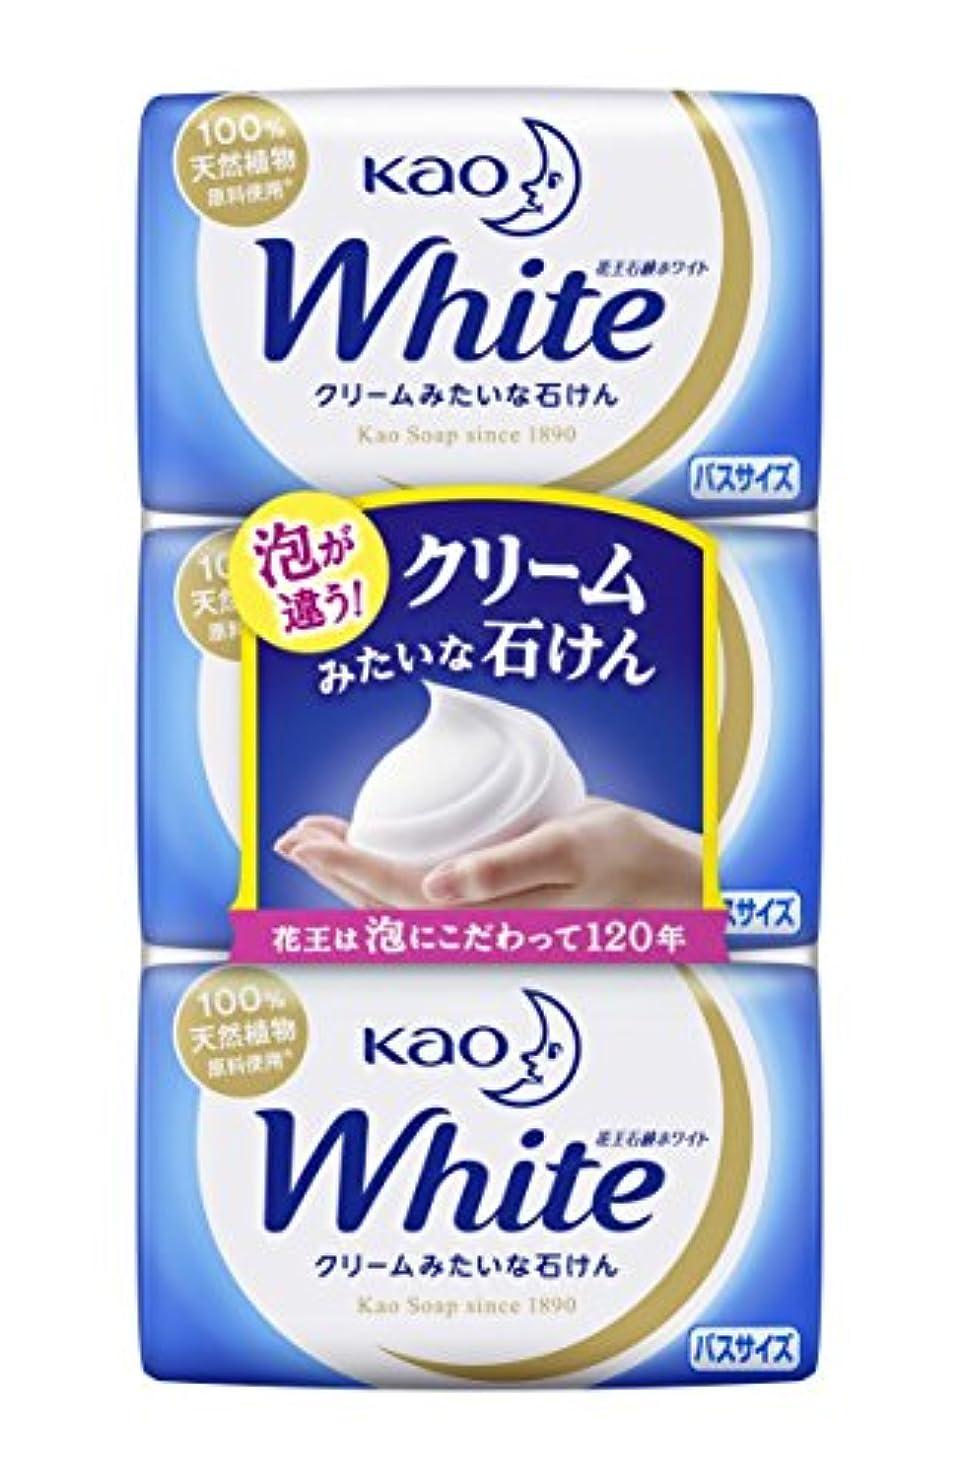 テクスチャー明日啓示花王ホワイト バスサイズ 3コパック